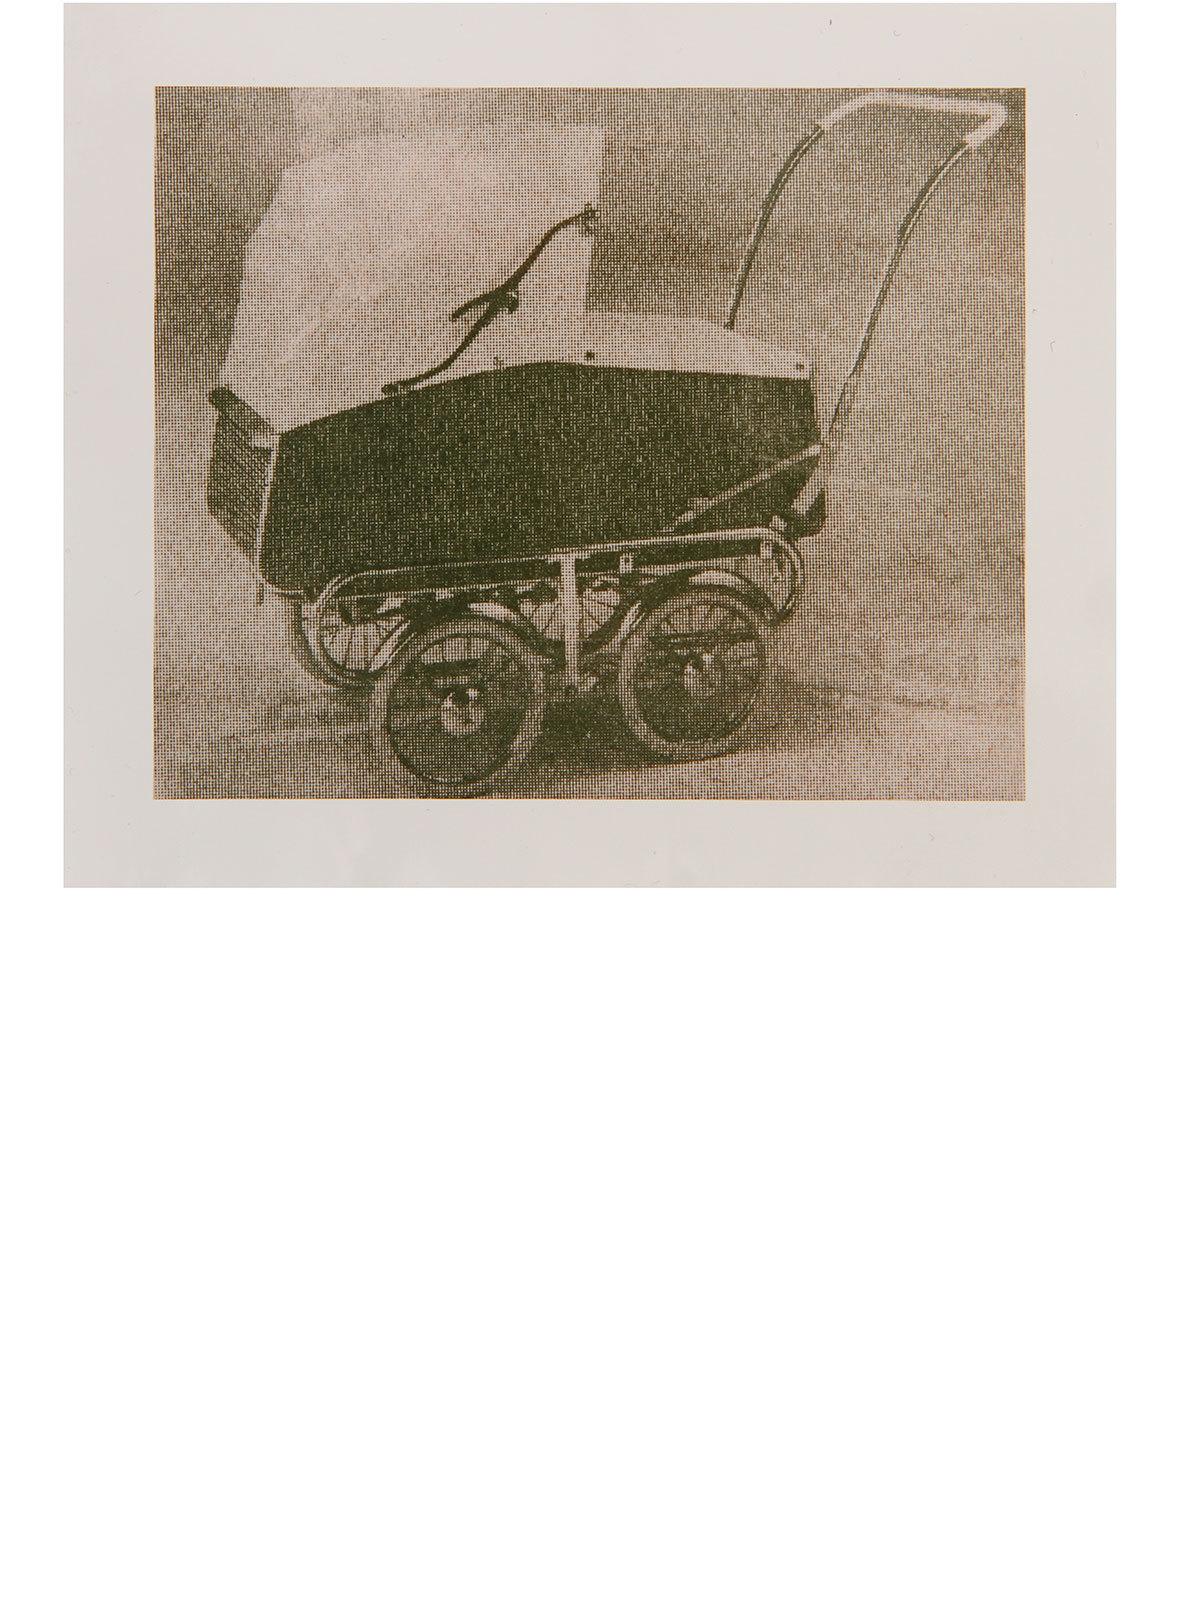 03B Truff Zeitungsfoto021 H